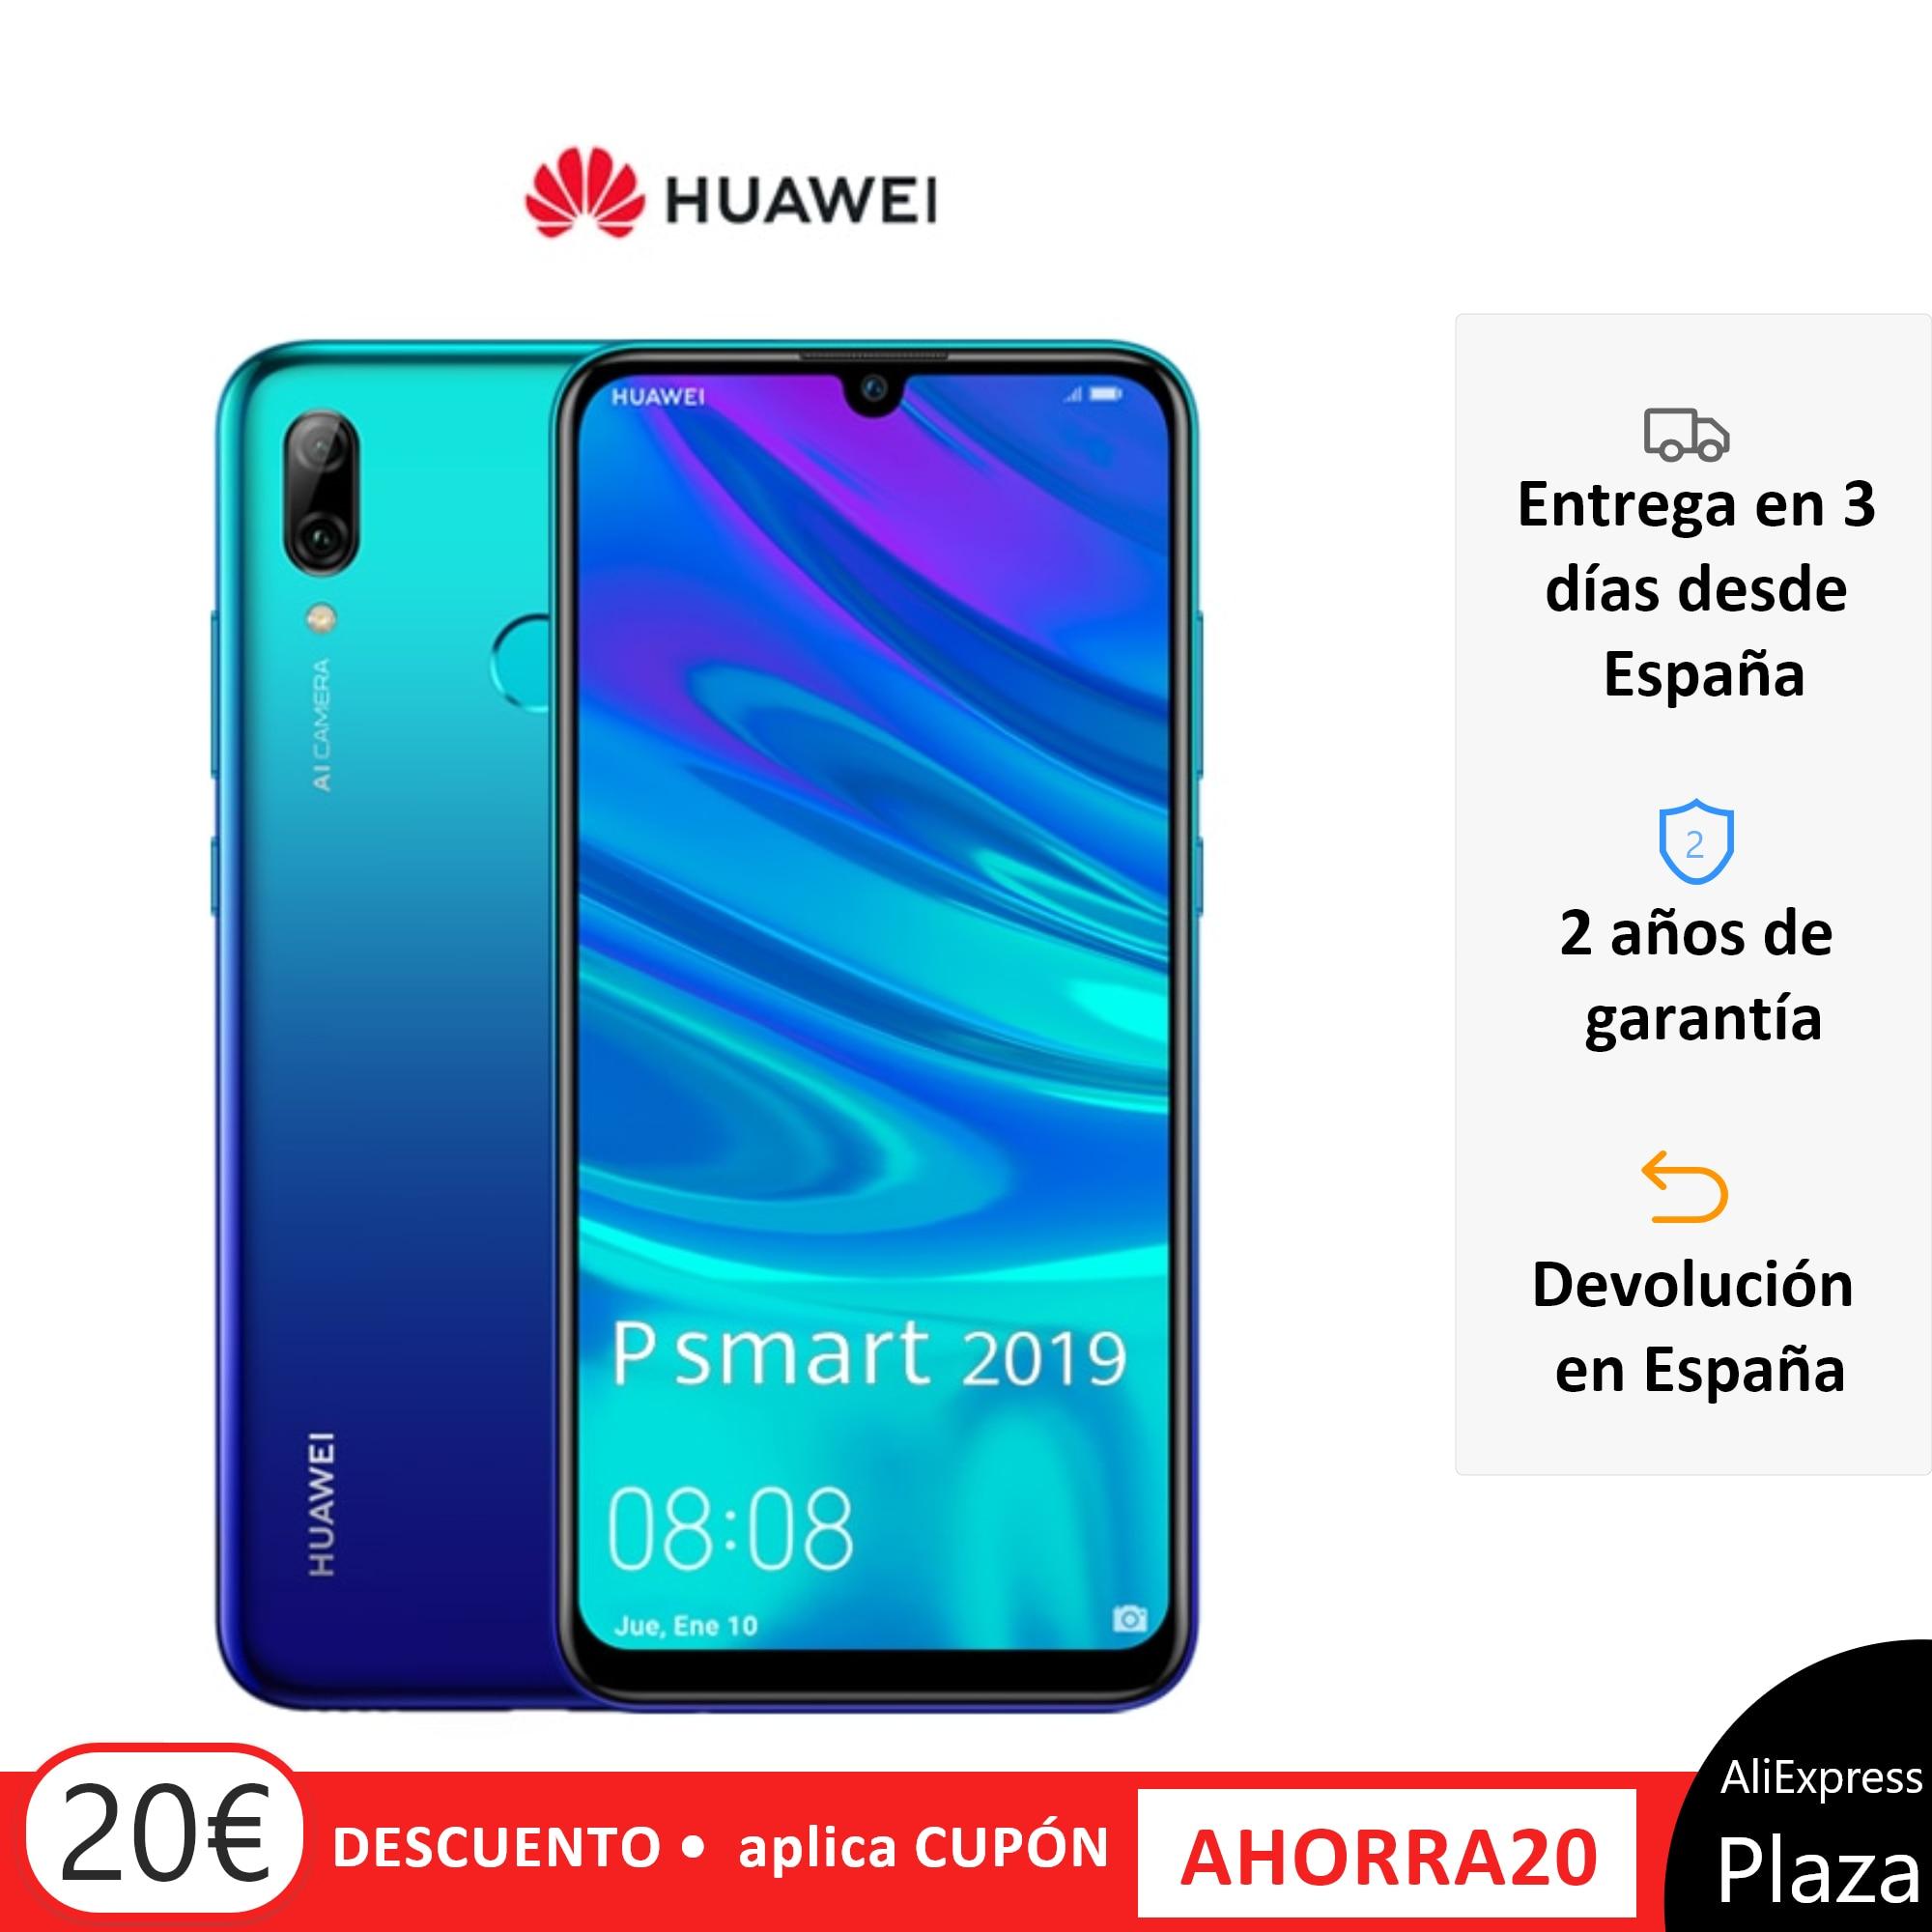 P スマート 2019 スマートフォン (64 ギガバイト ROM 3 1GB の RAM GOOGLE 、アンドロイド、ヌエボ、リブレ) [Tel É Fono の Móvil Versión Española] モビル、モビレス